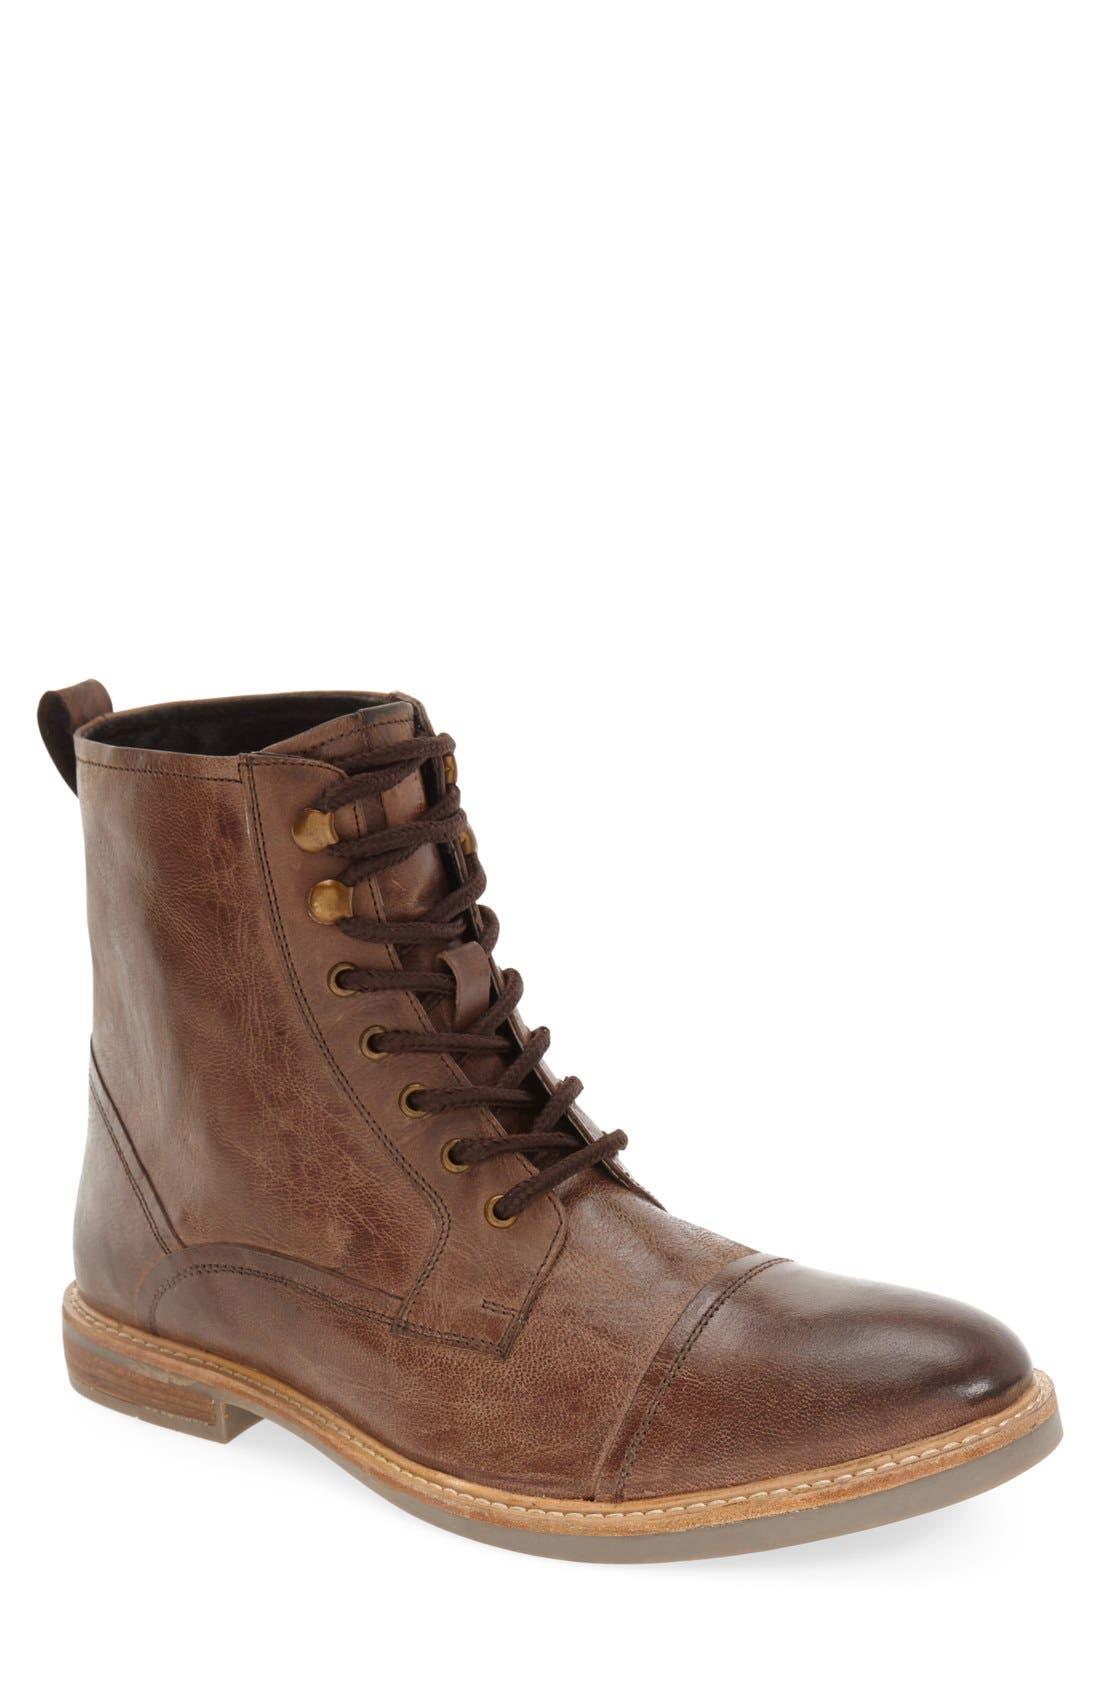 Alternate Image 1 Selected - Ben Sherman 'Luke' Cap Toe Boot (Men)